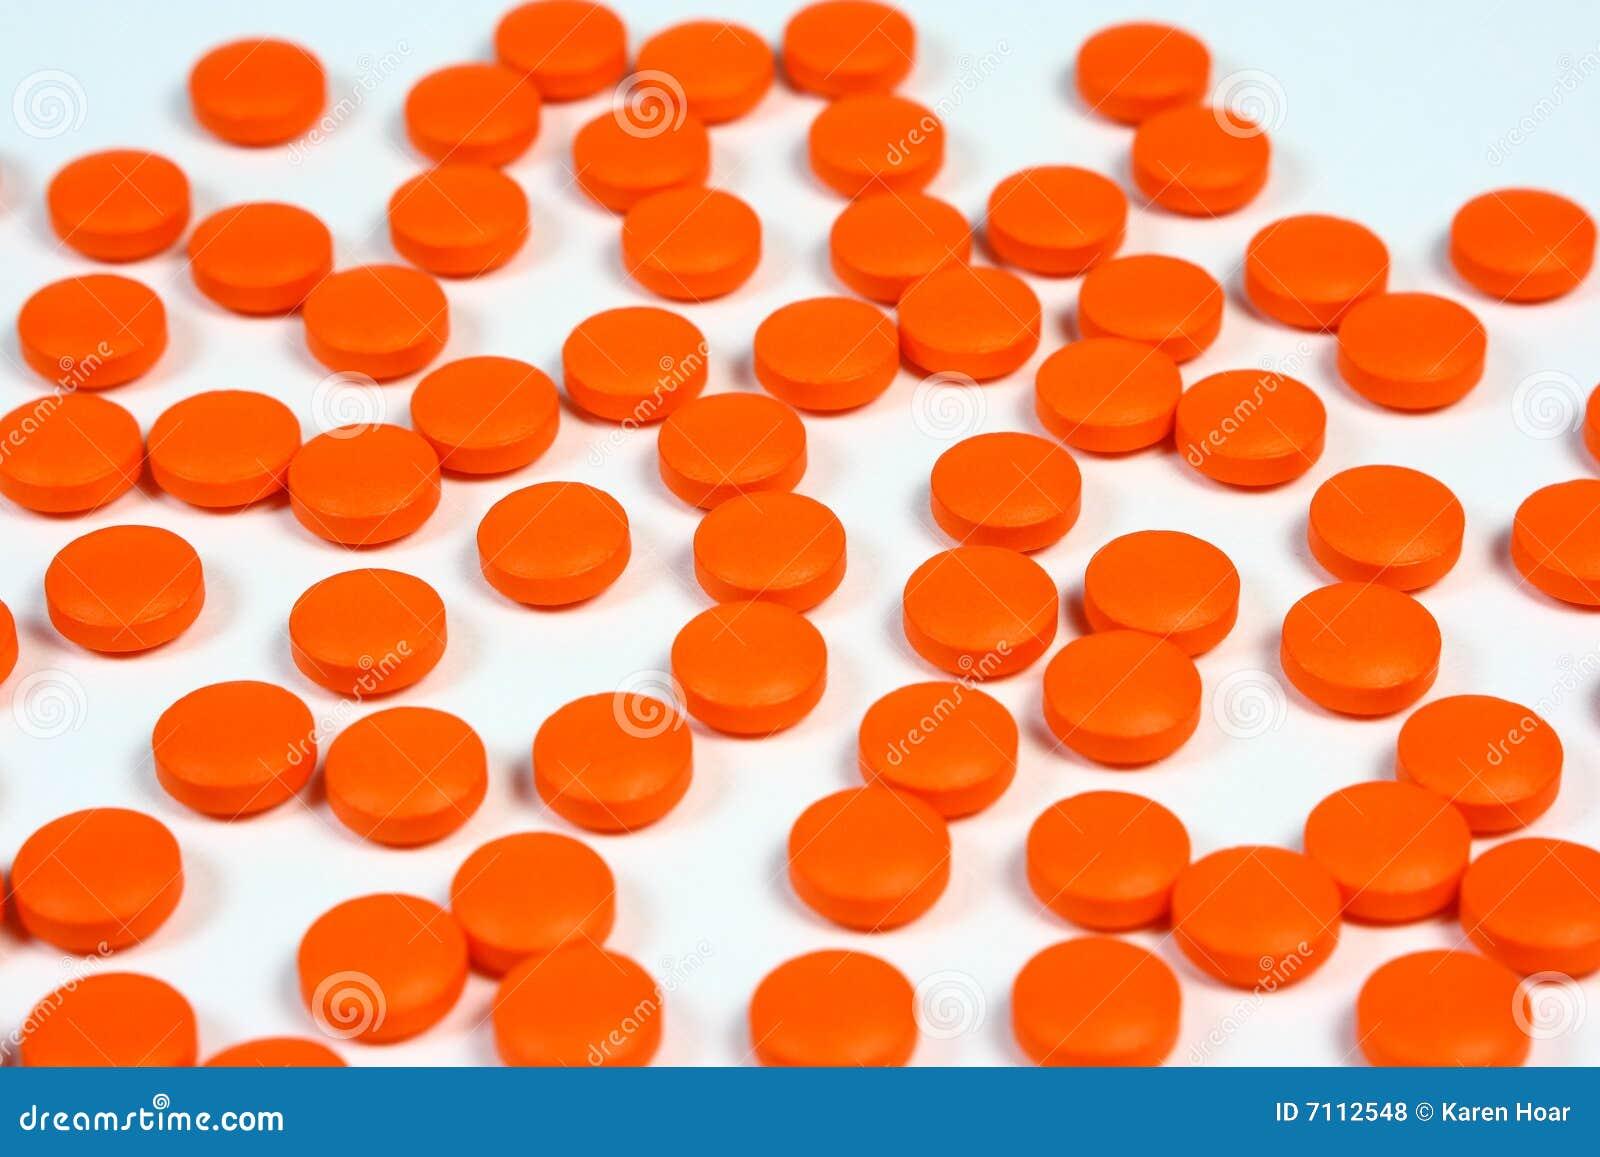 Orange pills background